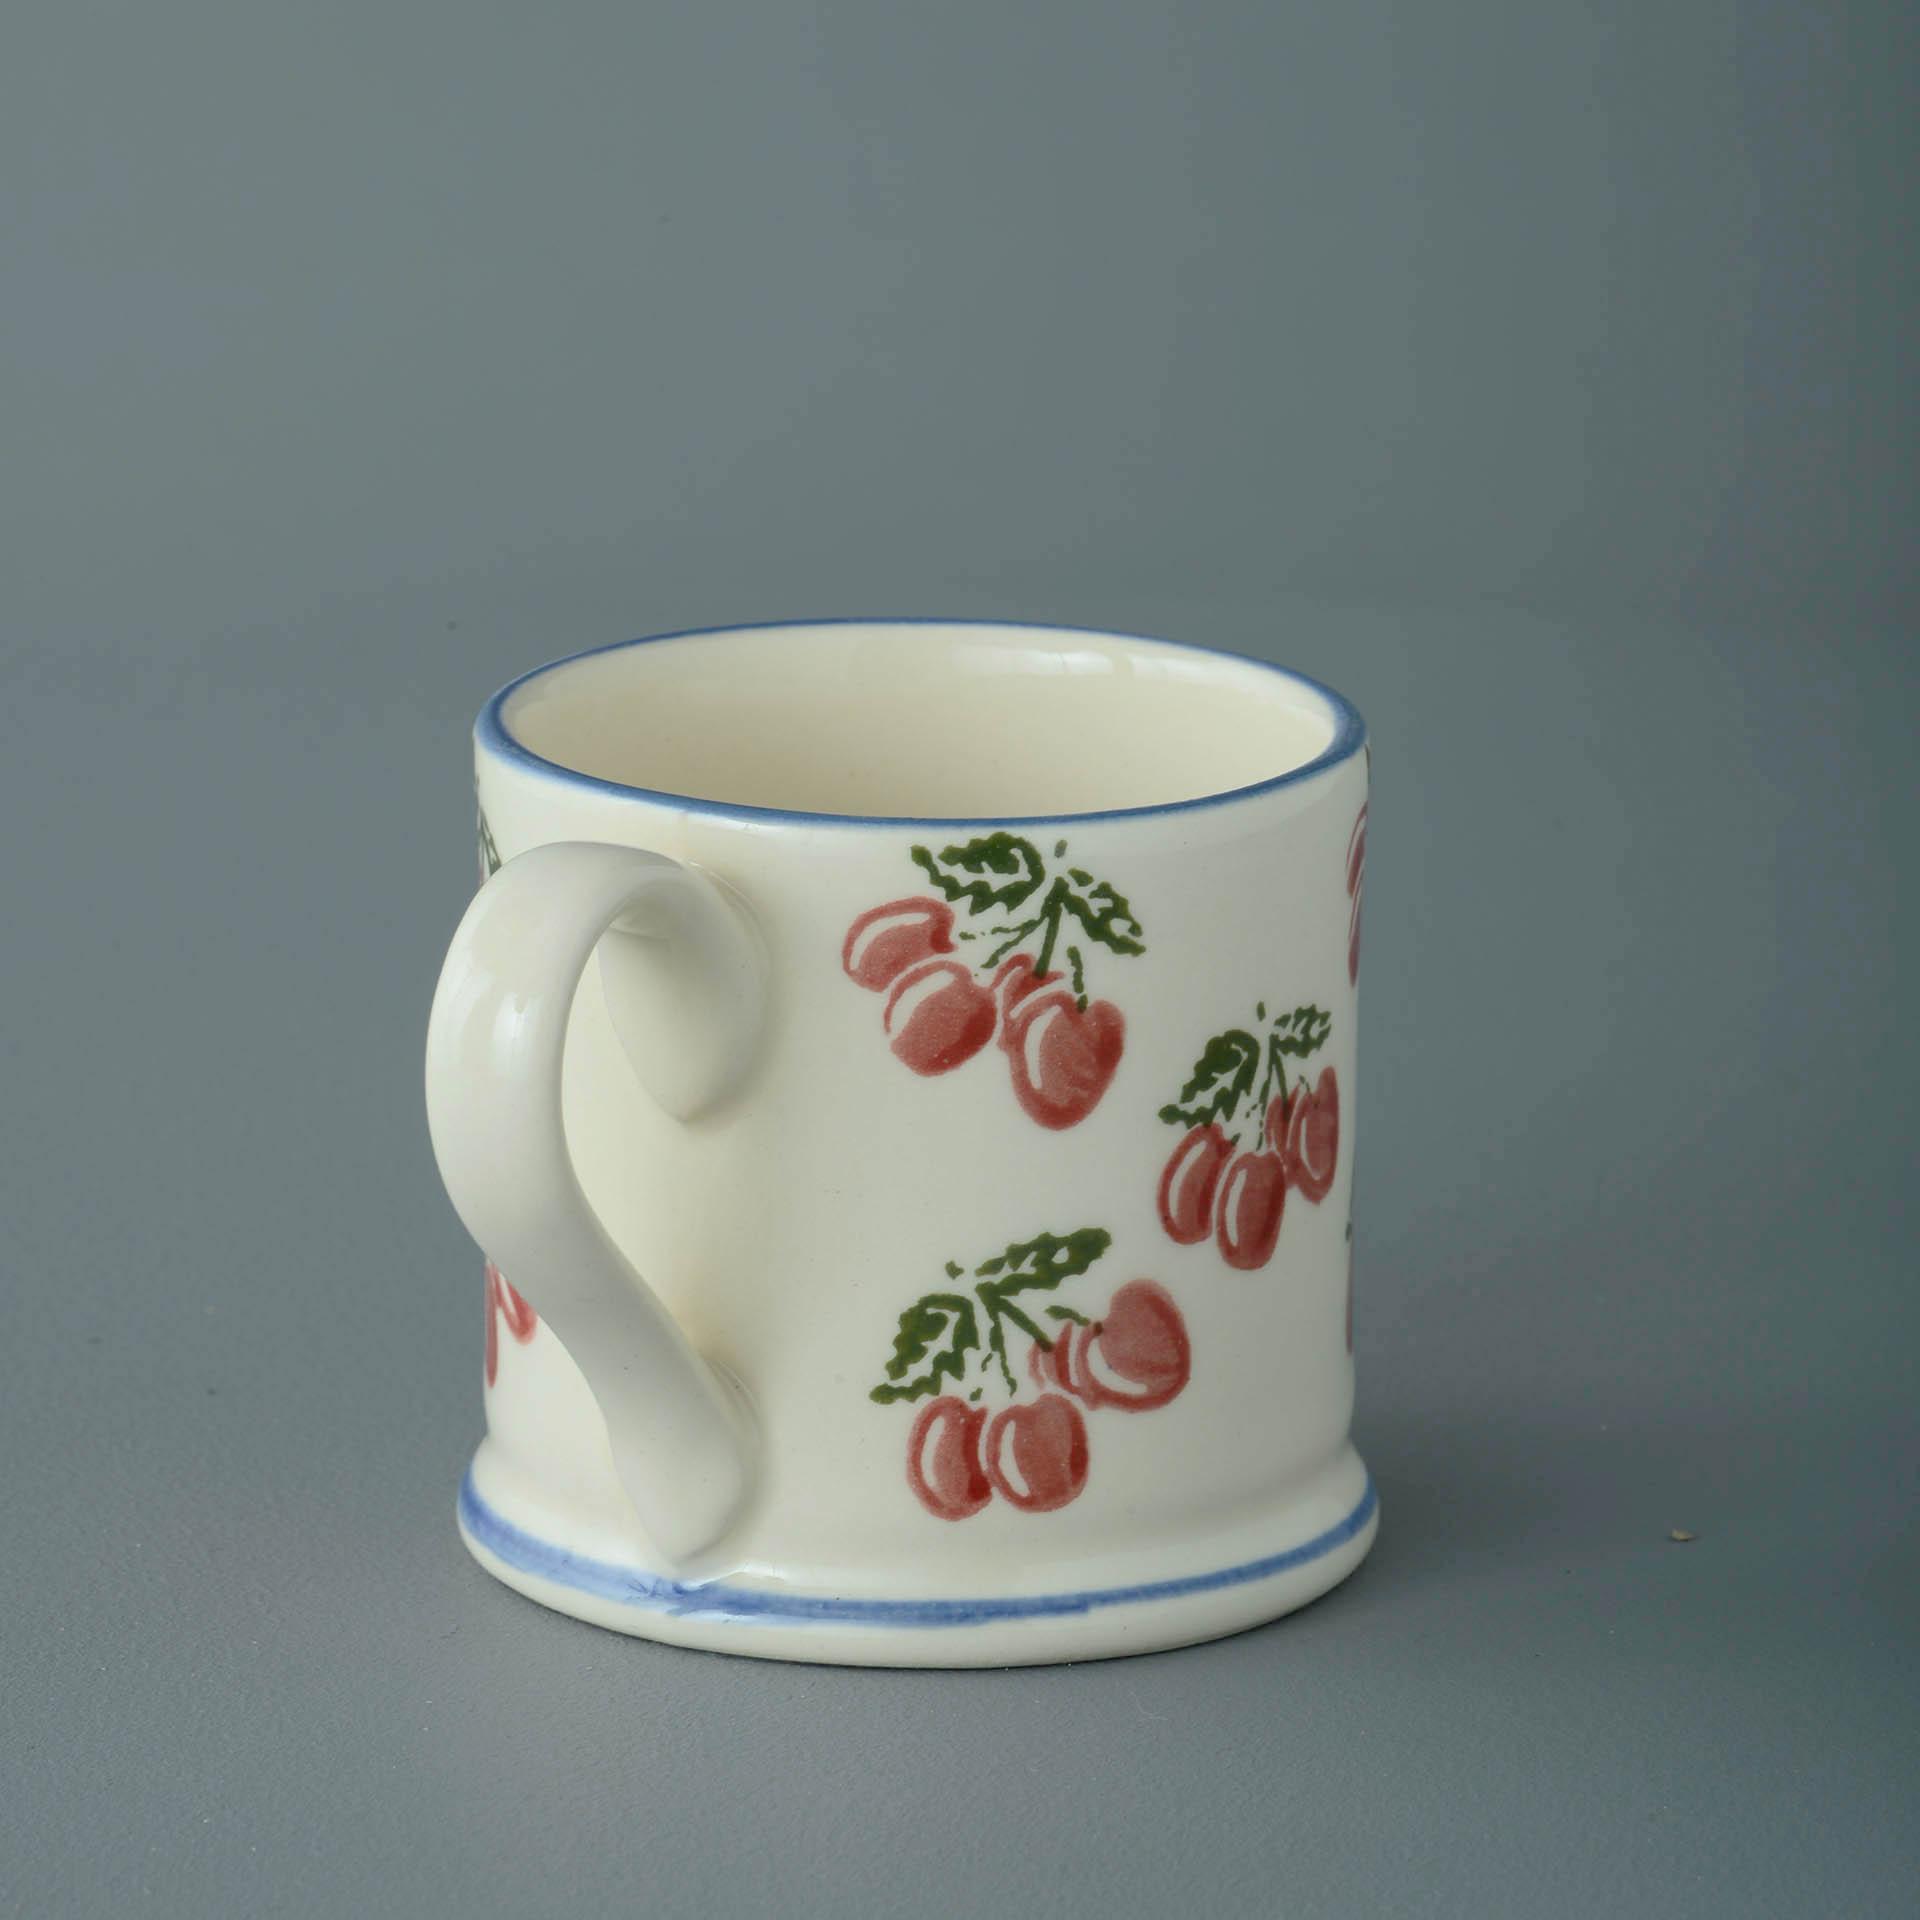 Cherries 150ml Small Mug 7 x 7.3cm